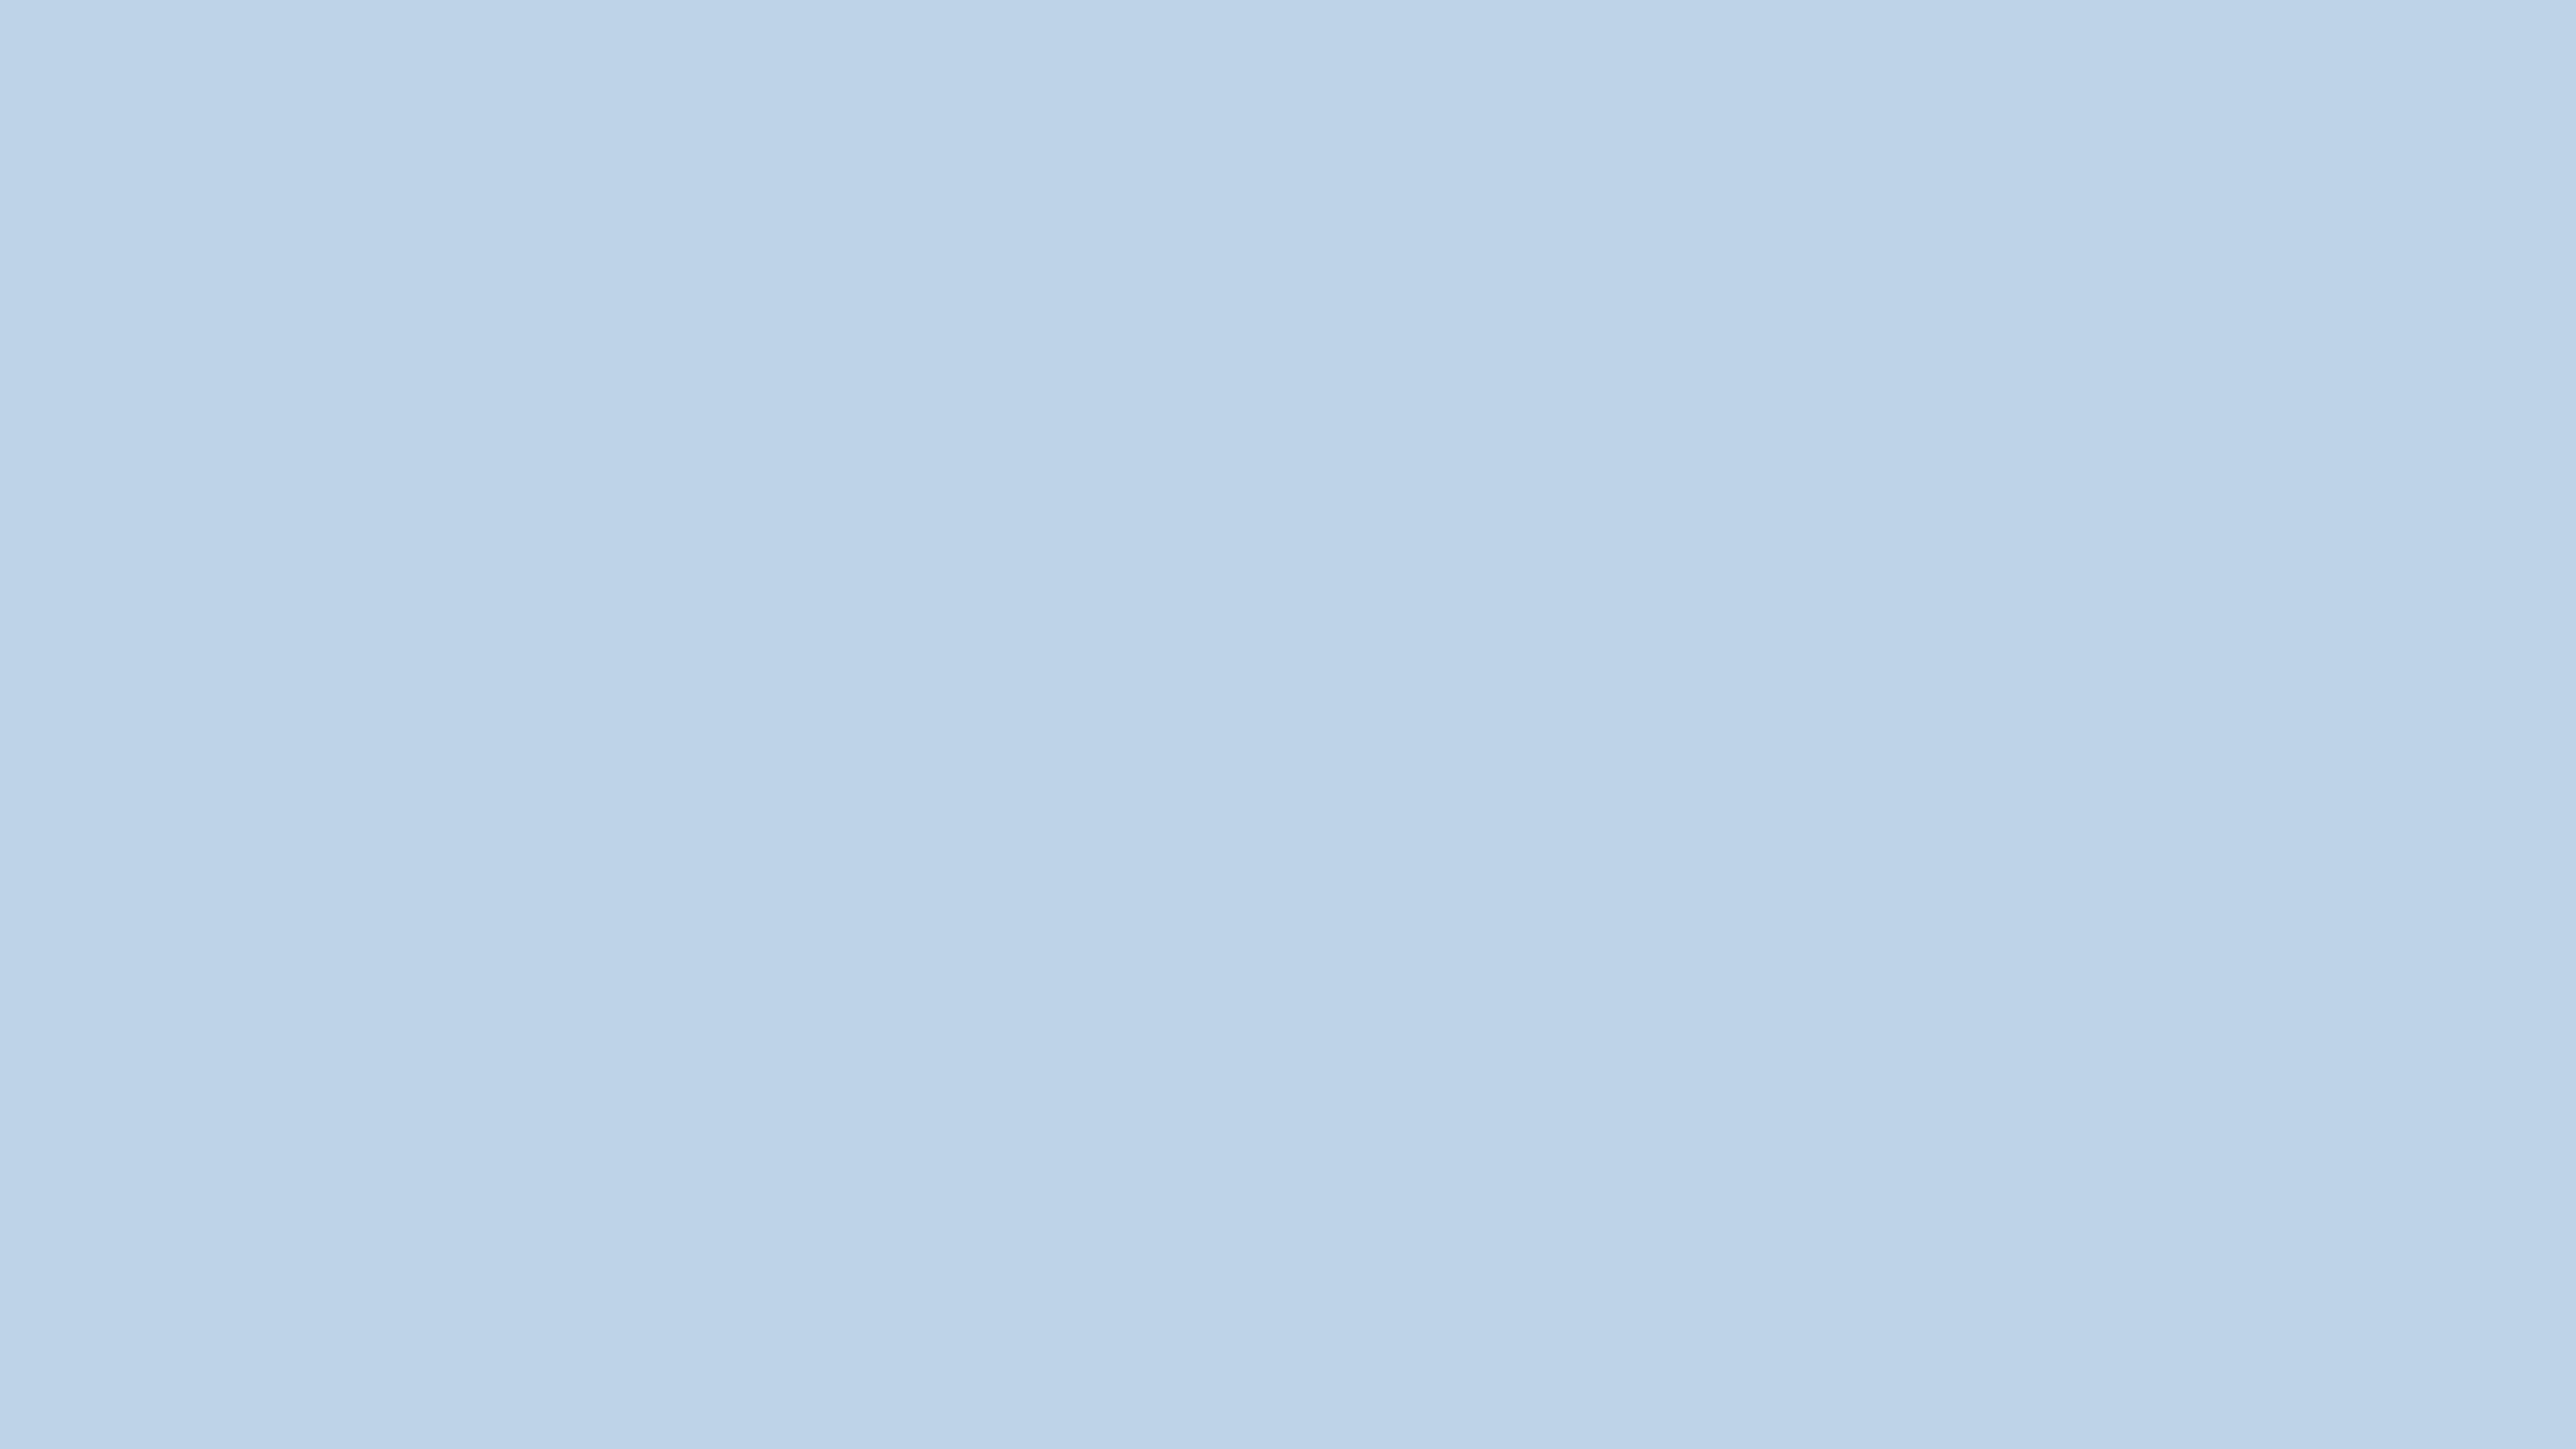 3840x2160 Pale Aqua Solid Color Background